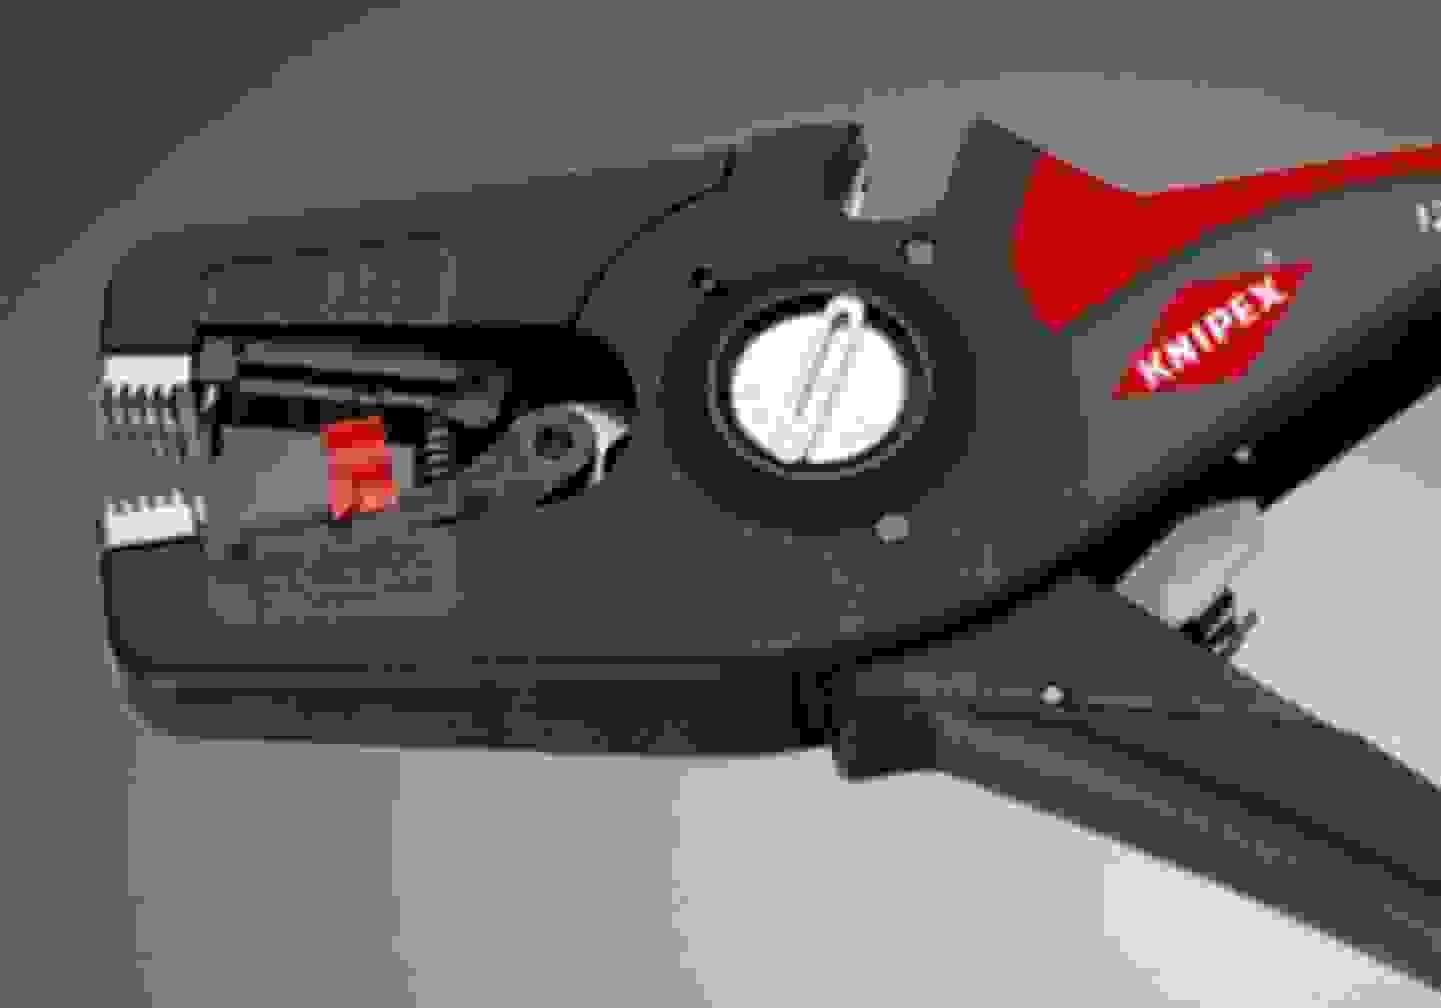 Abisolierzangen und Abmantelwerkzeuge